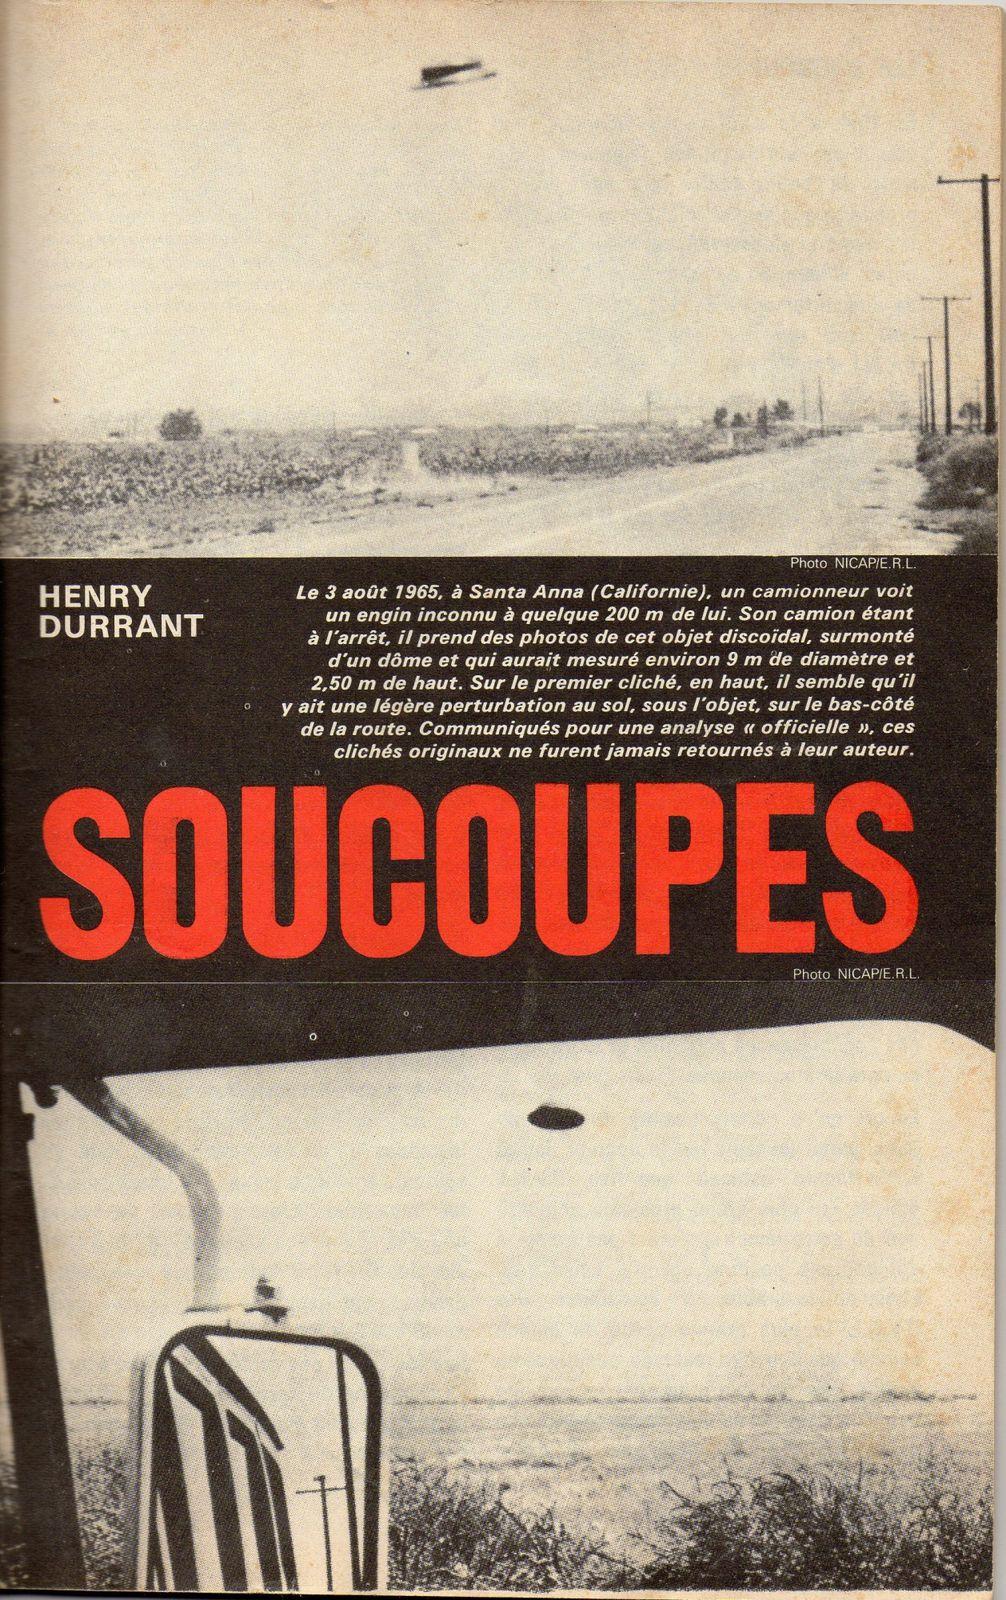 (1976) : HISTORIA Hors série, Les soucoupes volantes. Page-21